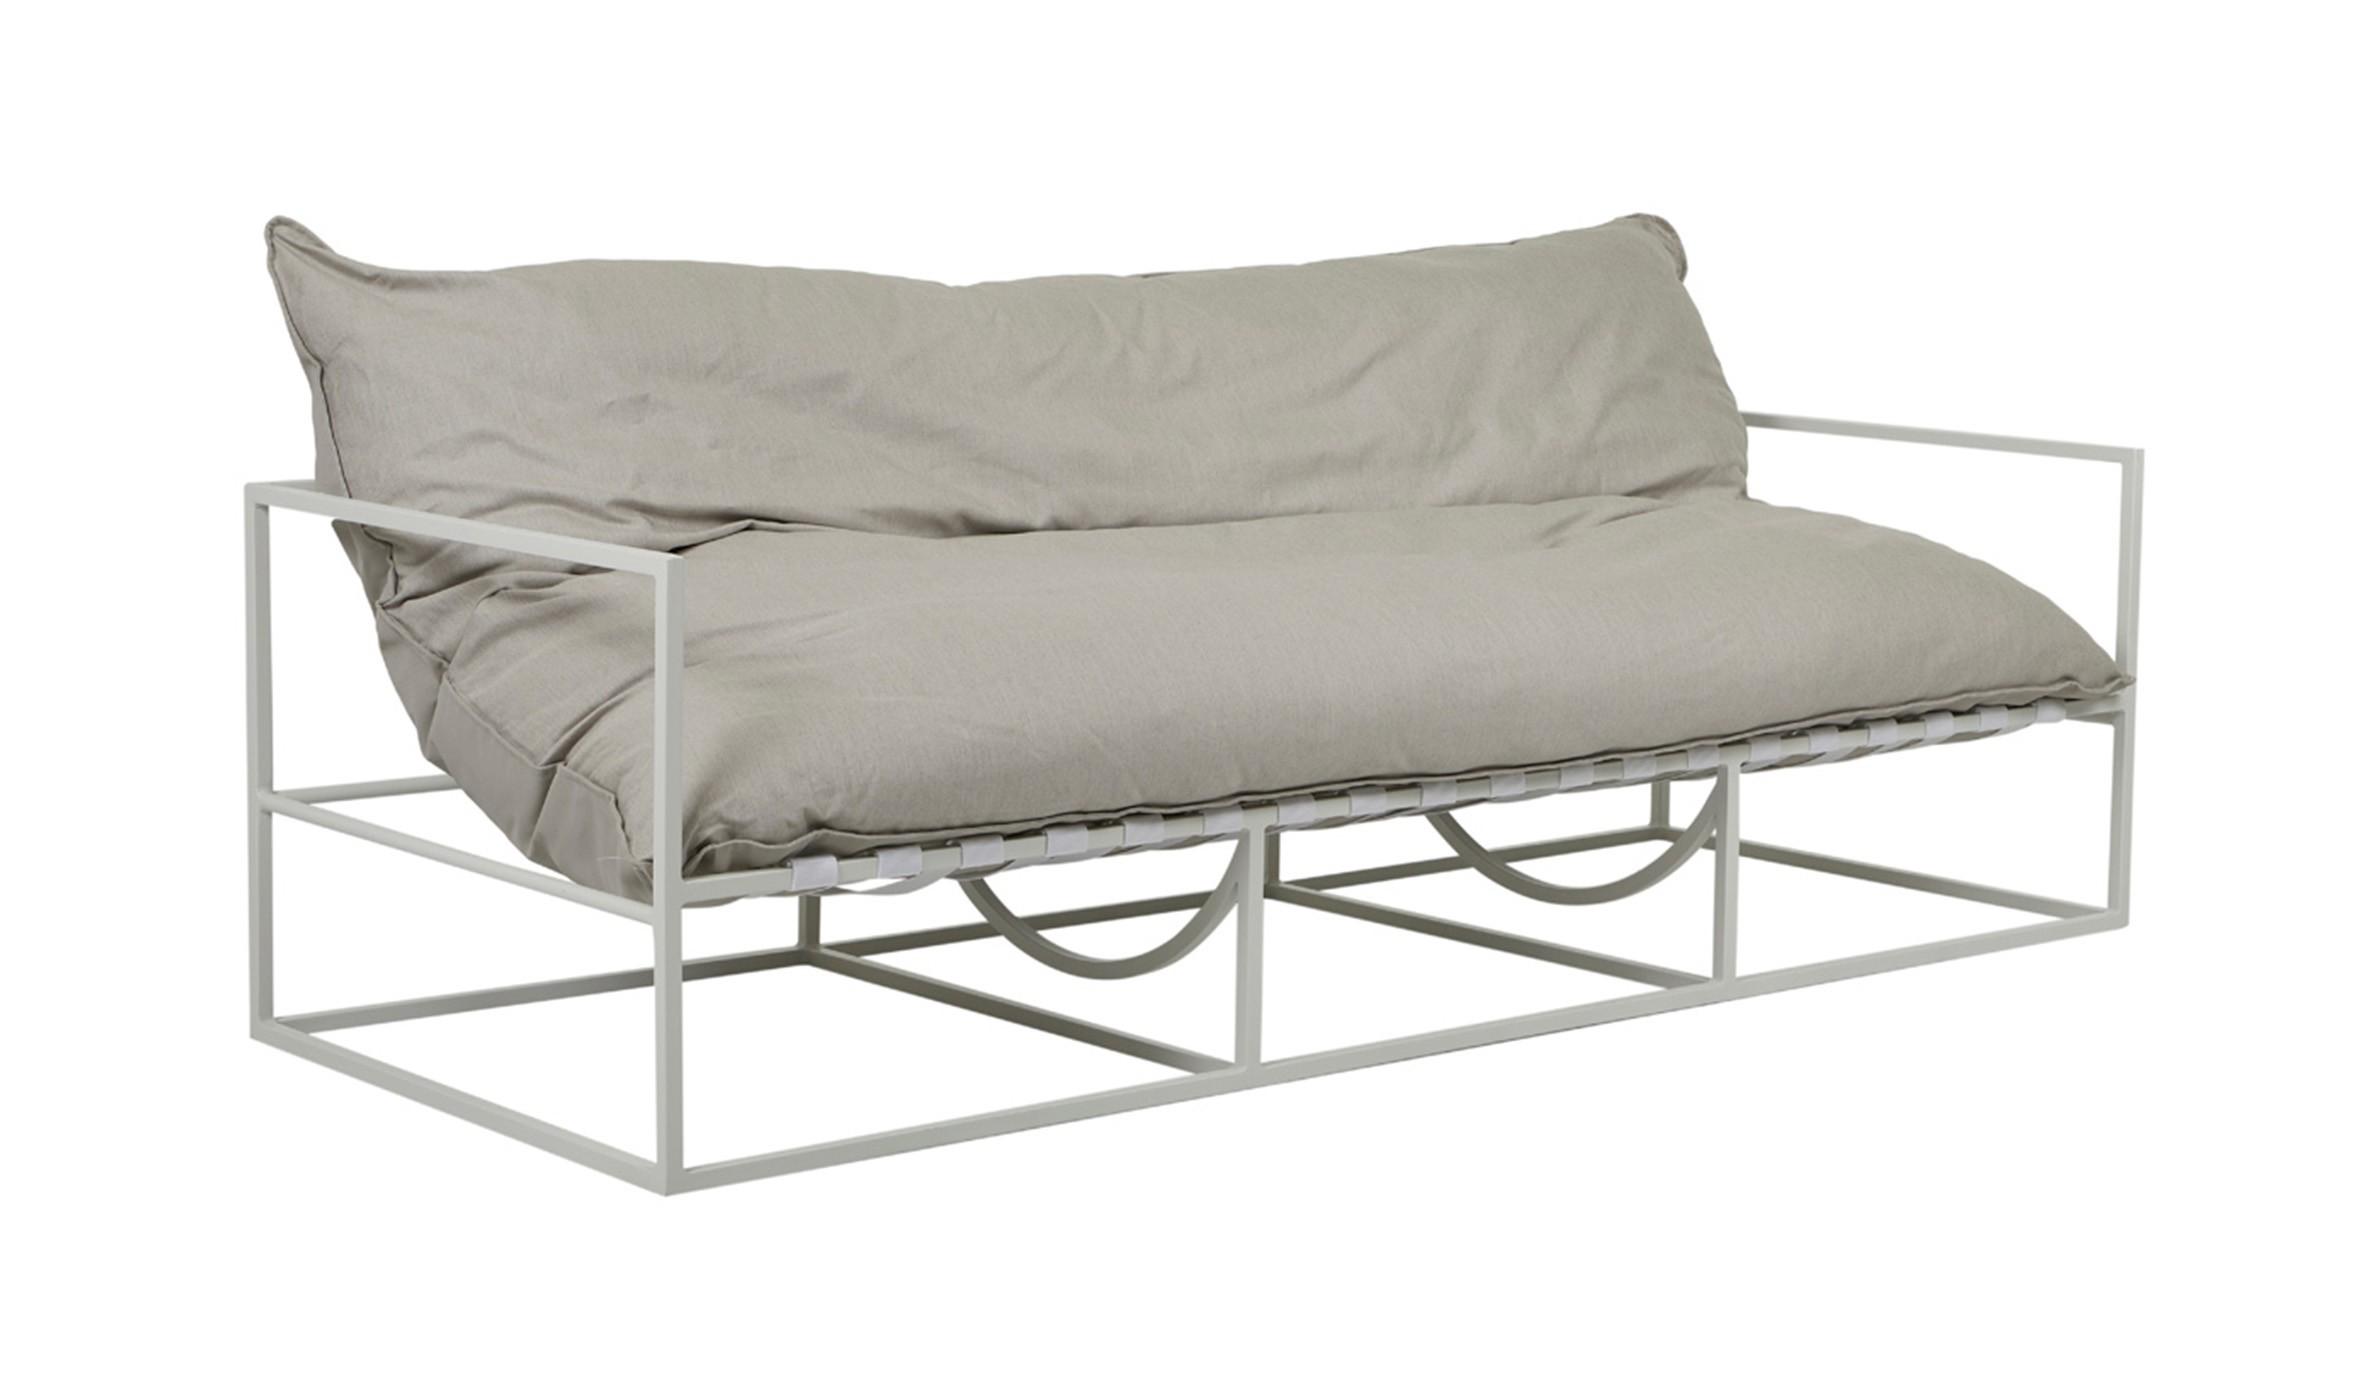 Furniture Thumbnails outdoor-sofas-aruba-frame-2-seat